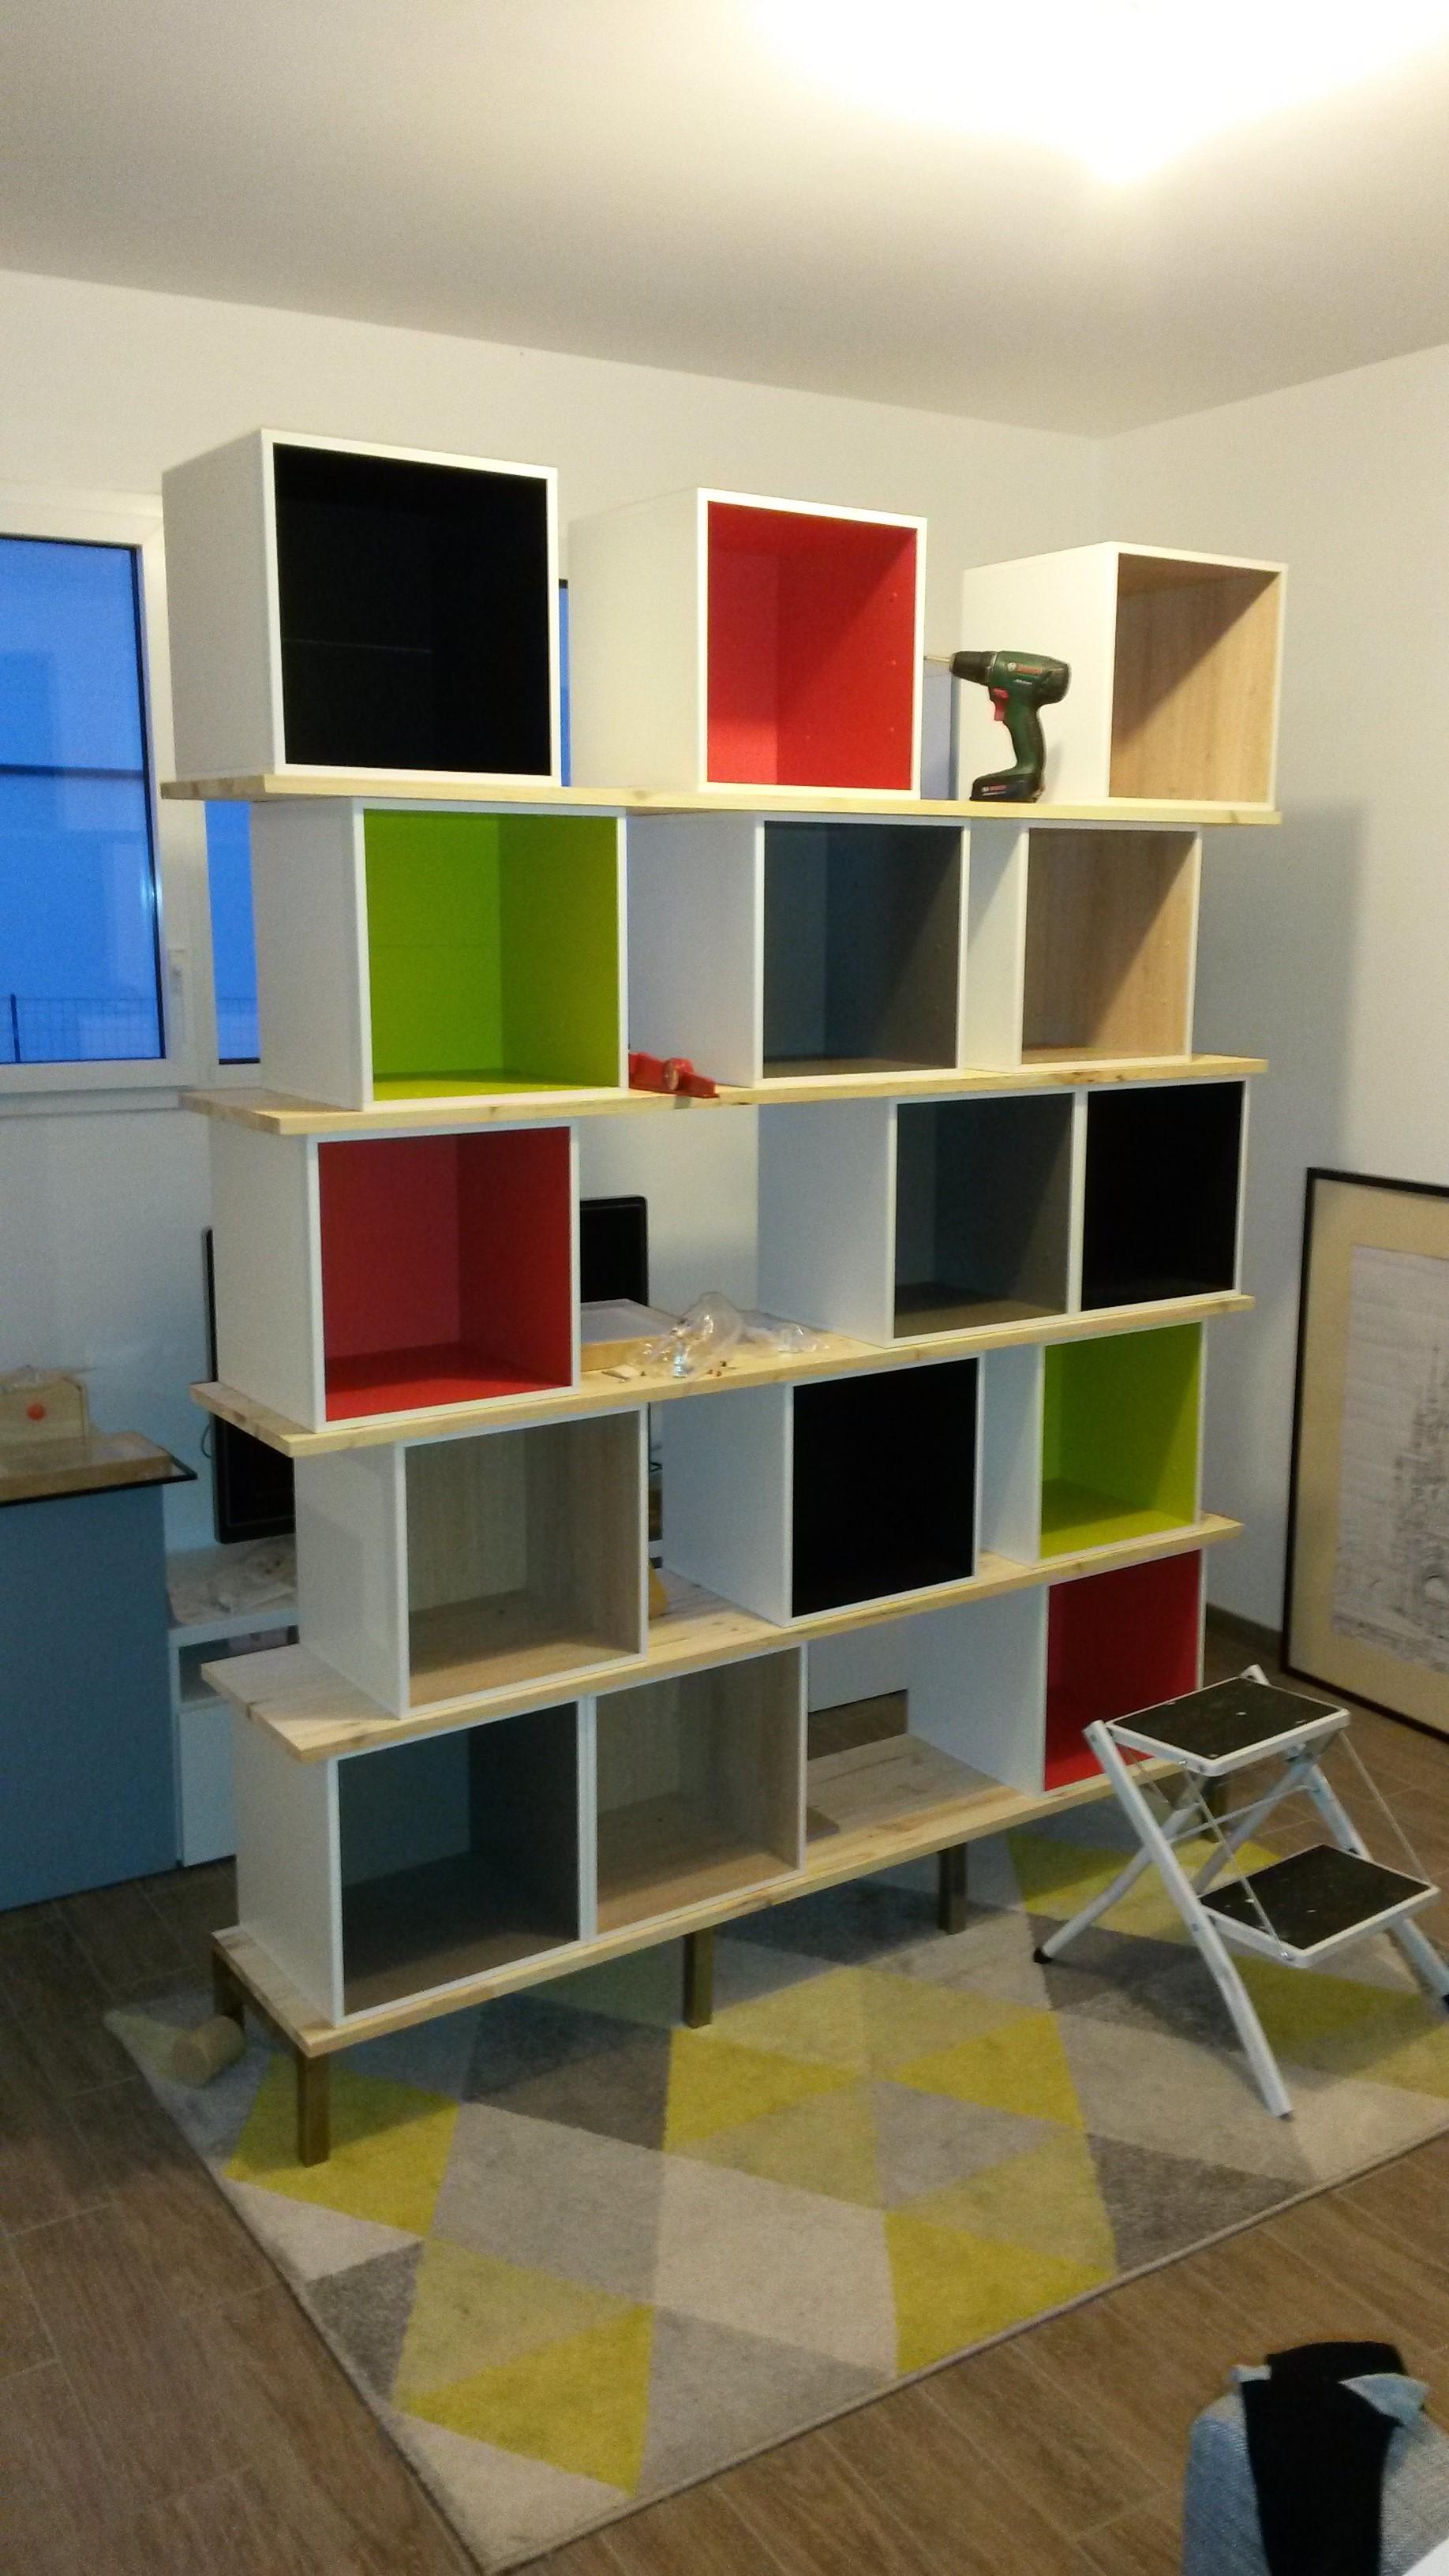 biblioth que multikaz en cubes multicolore notre maison rt2012 par trecobat. Black Bedroom Furniture Sets. Home Design Ideas